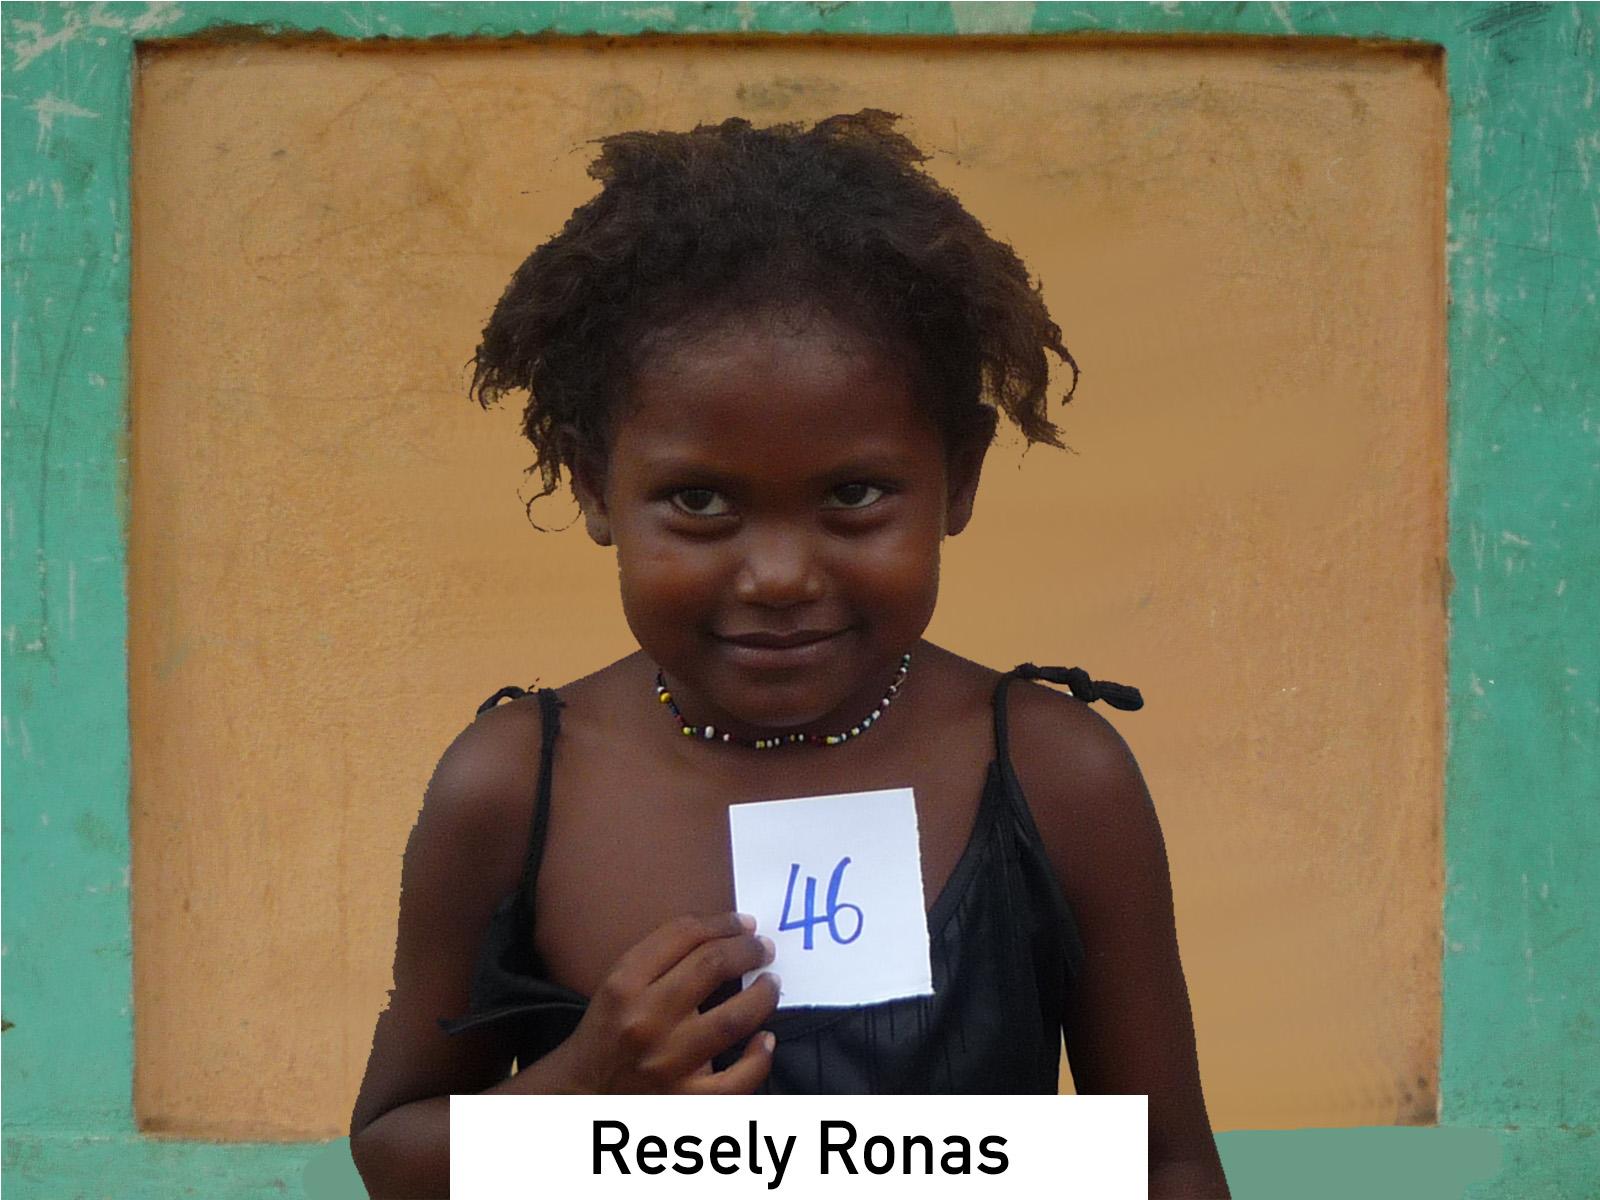 046 - Resely Ronas.jpg